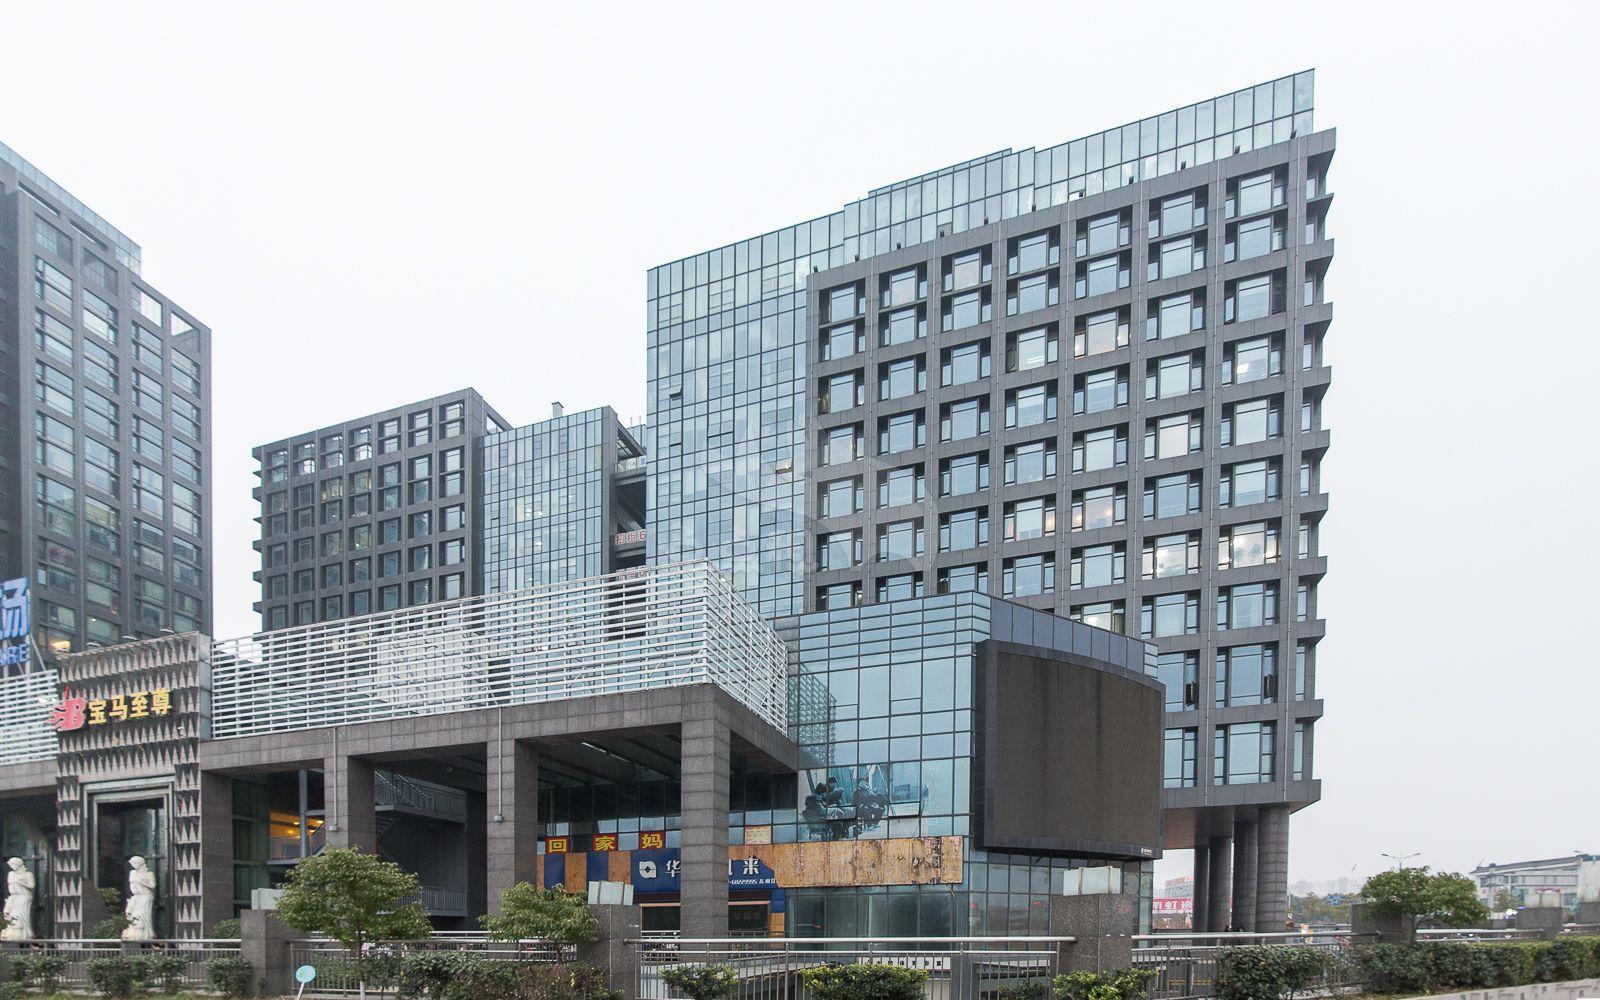 桐泾商务广场